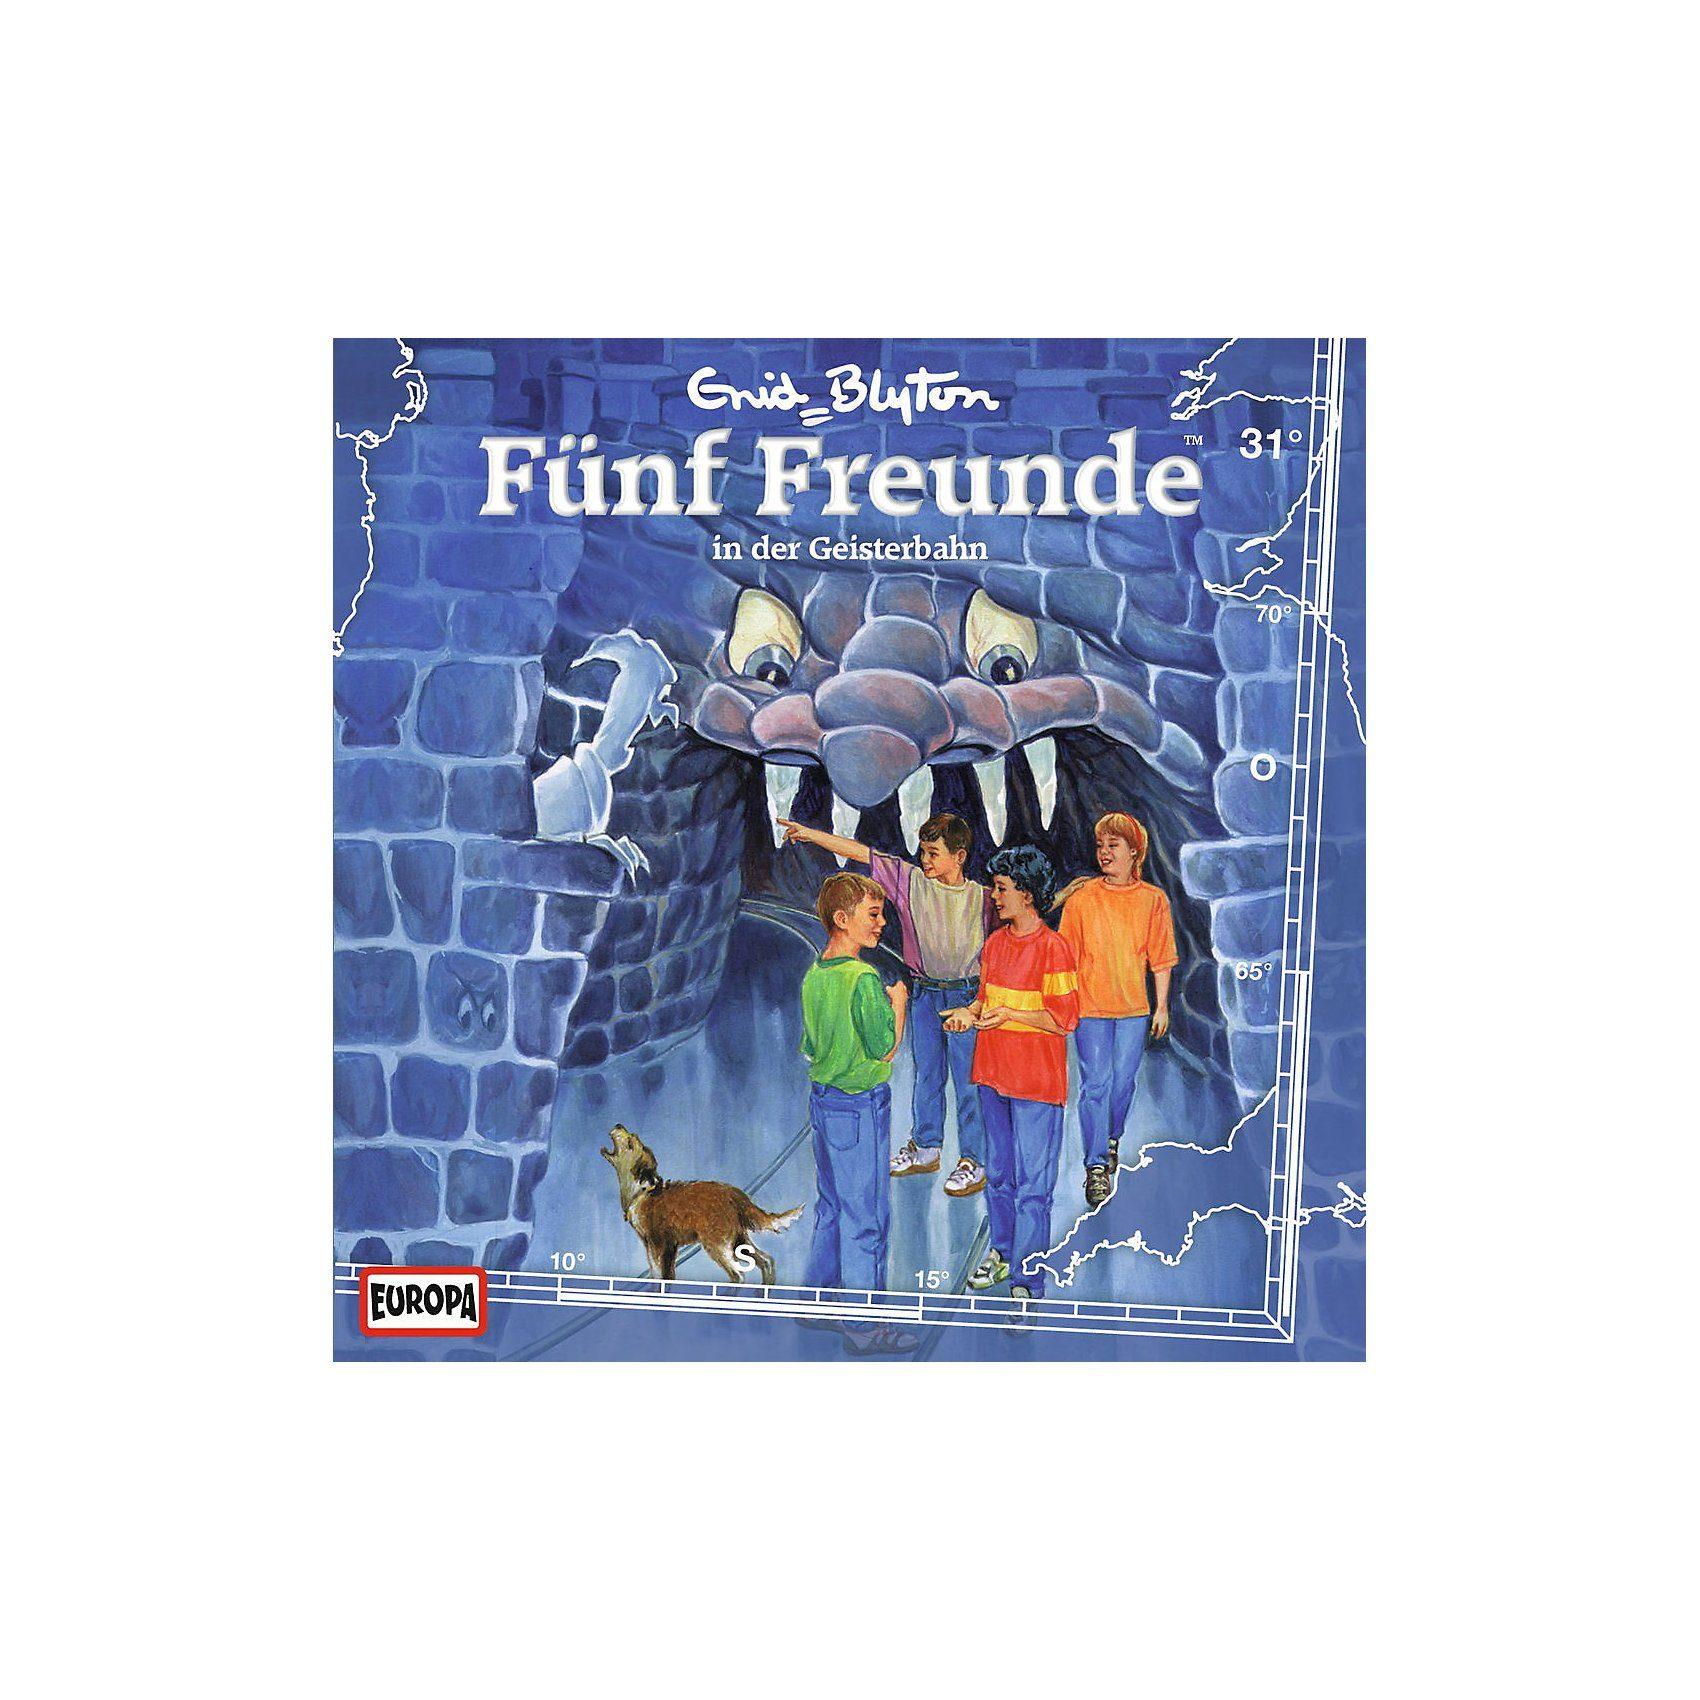 Sony CD Fünf Freunde 031/in der Geisterbahn